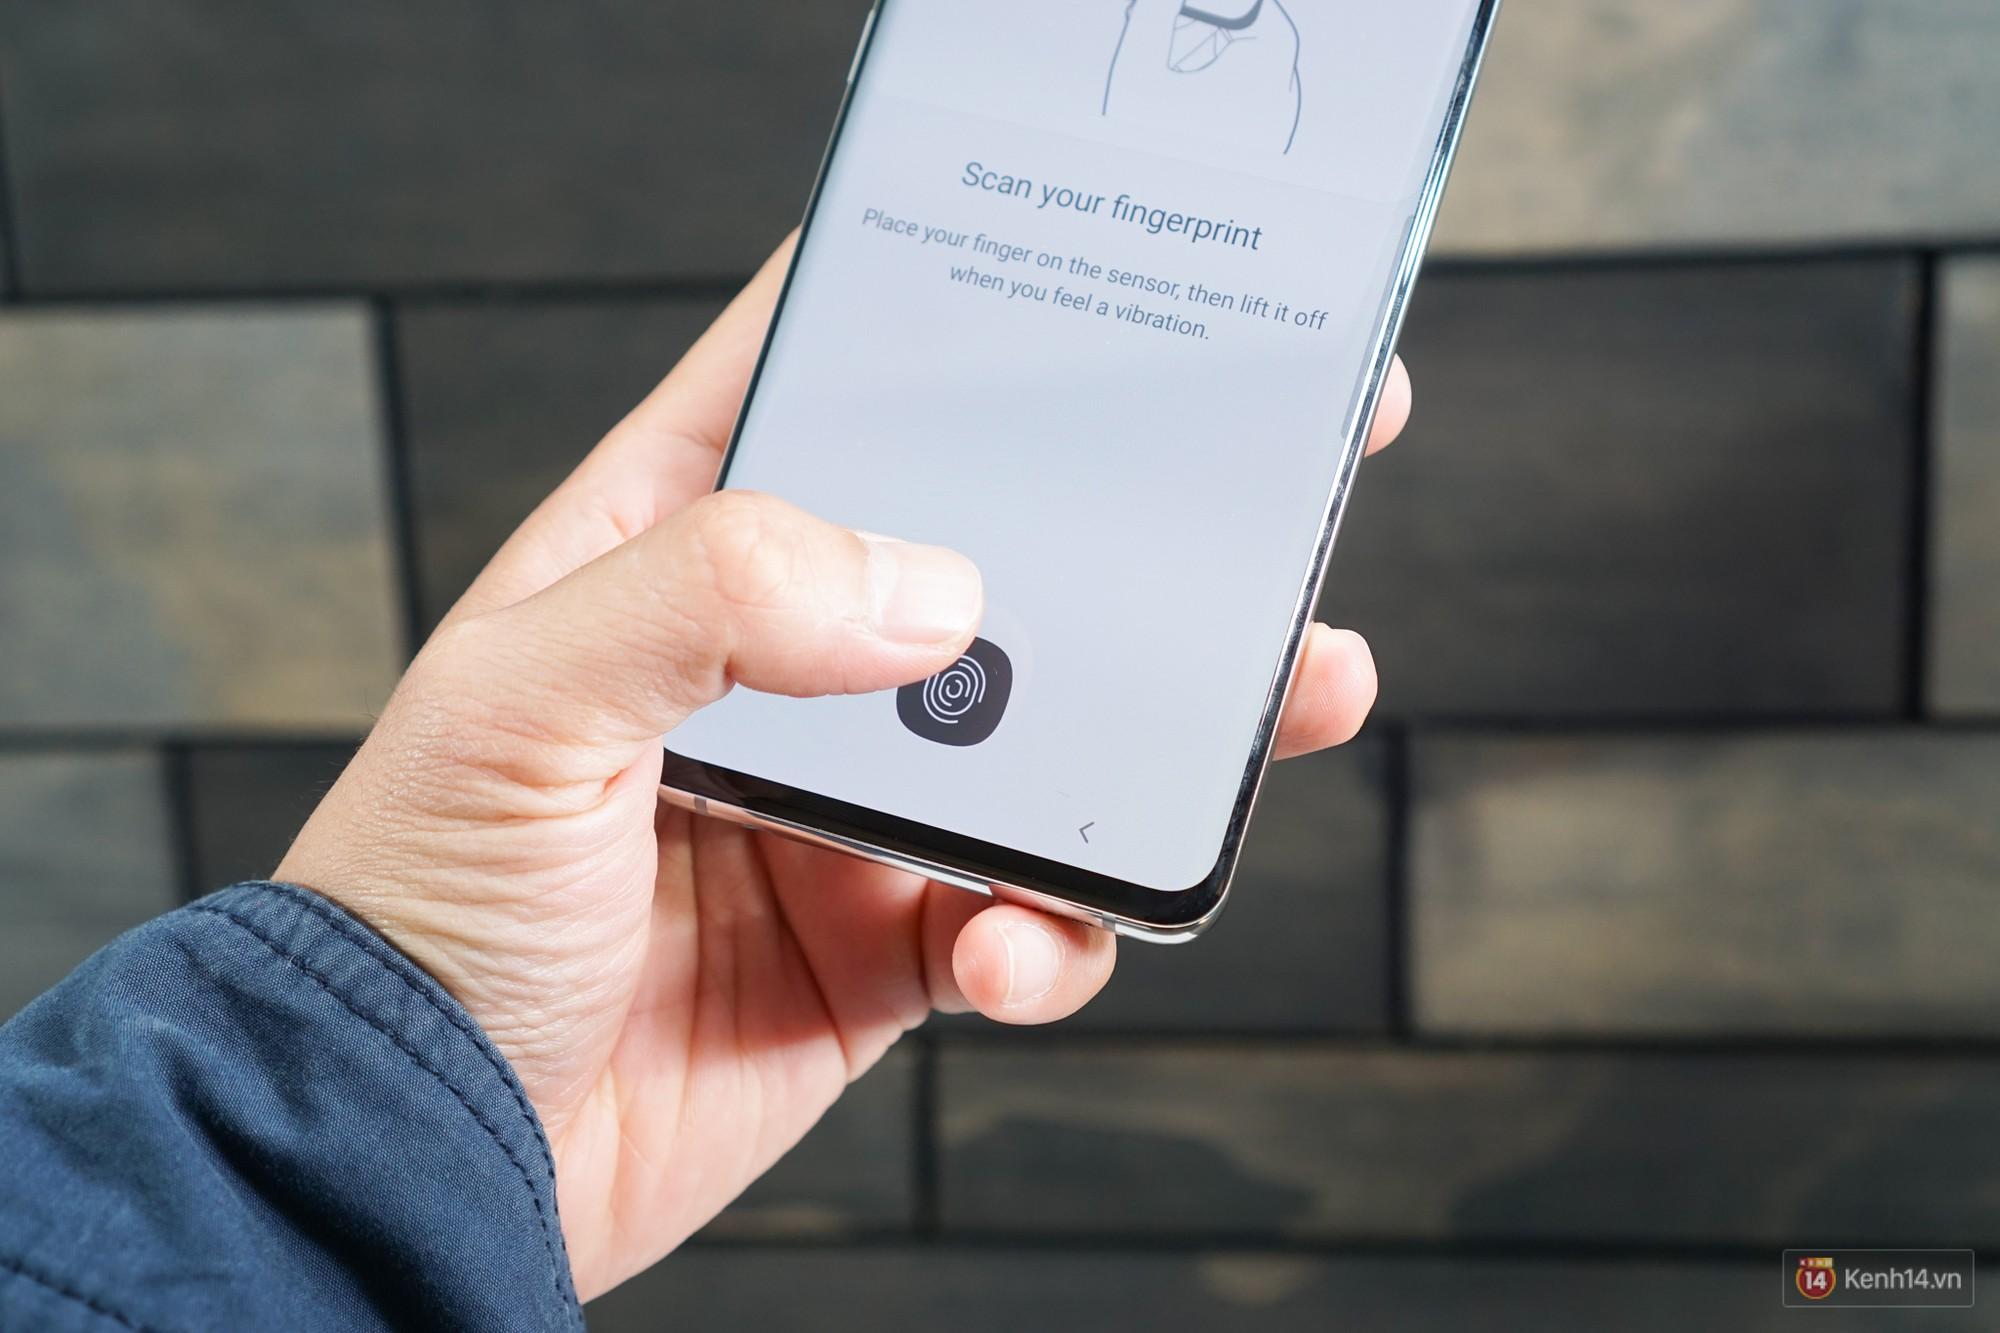 Trên tay Galaxy S10/S10+ giá từ 21 triệu: Như này không đẹp thì không biết thế nào mới được coi là đẹp - Ảnh 7.